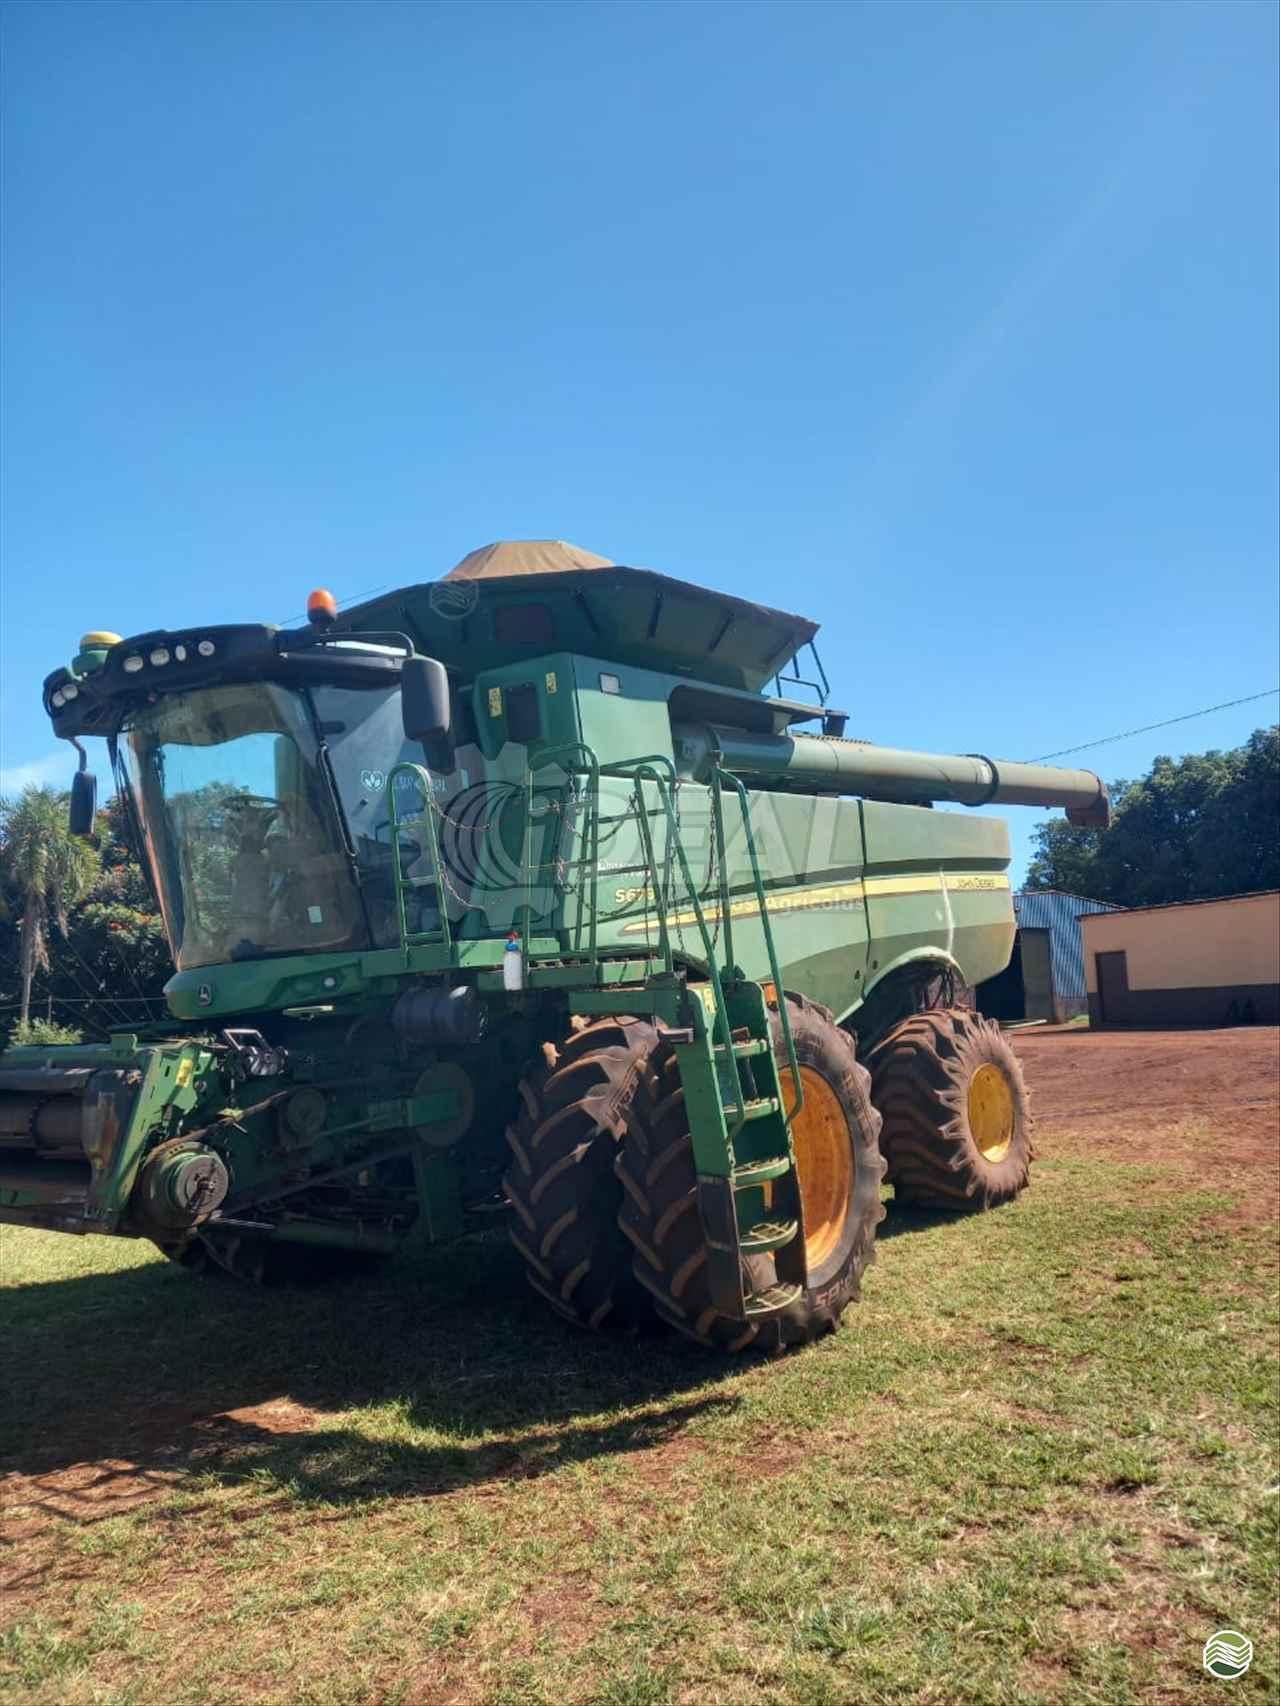 COLHEITADEIRA JOHN DEERE JOHN DEERE S670 Ideal Máquinas Agrícolas SAO GONCALO DO SAPUCAI MINAS GERAIS MG